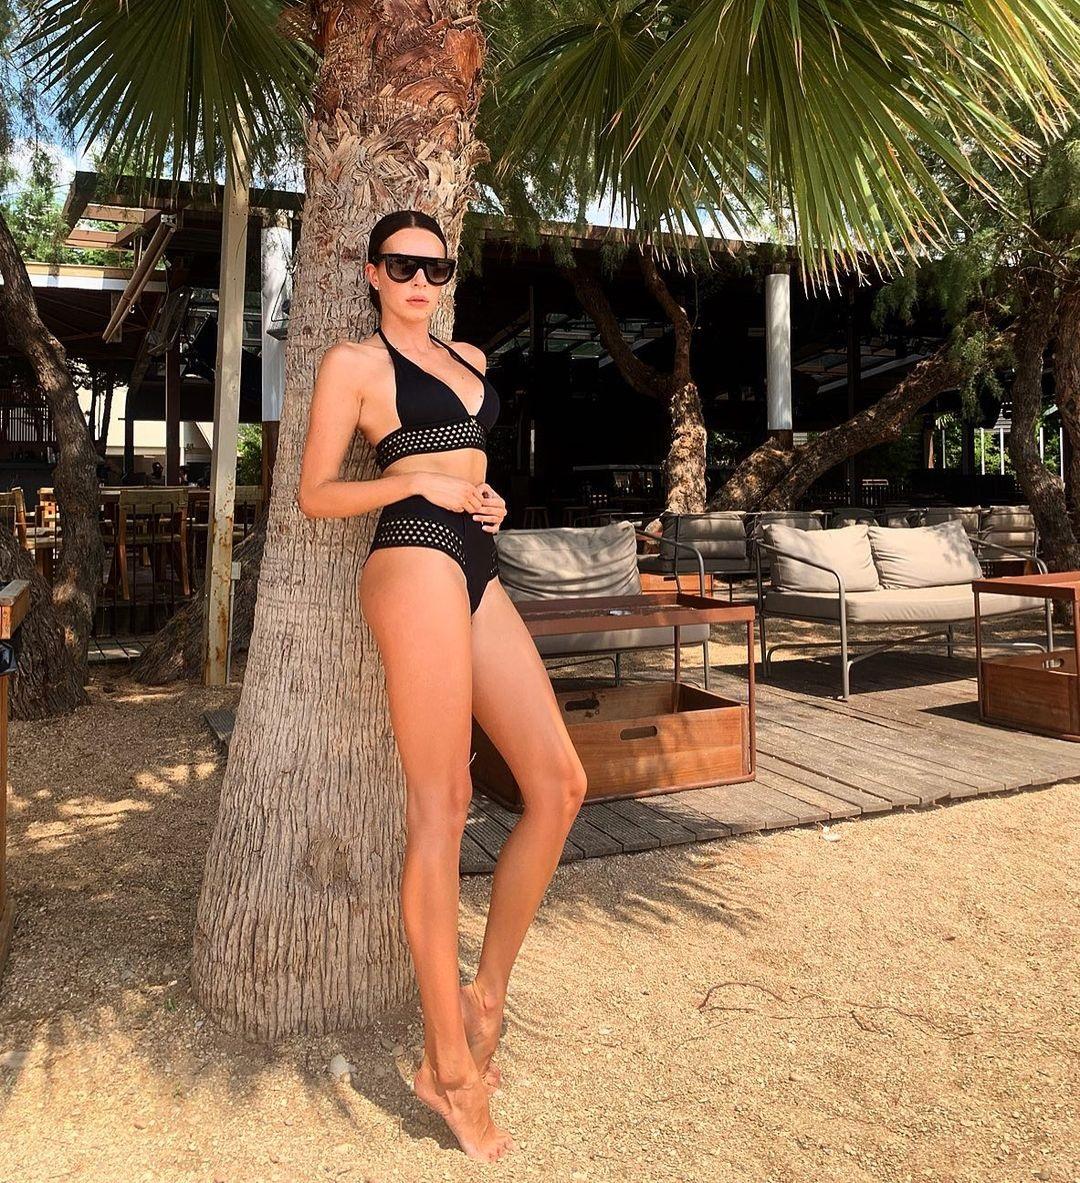 Ножки сводят с ума! Смотрите, какую богиню игрок сборной Украины привез с собой из Греции